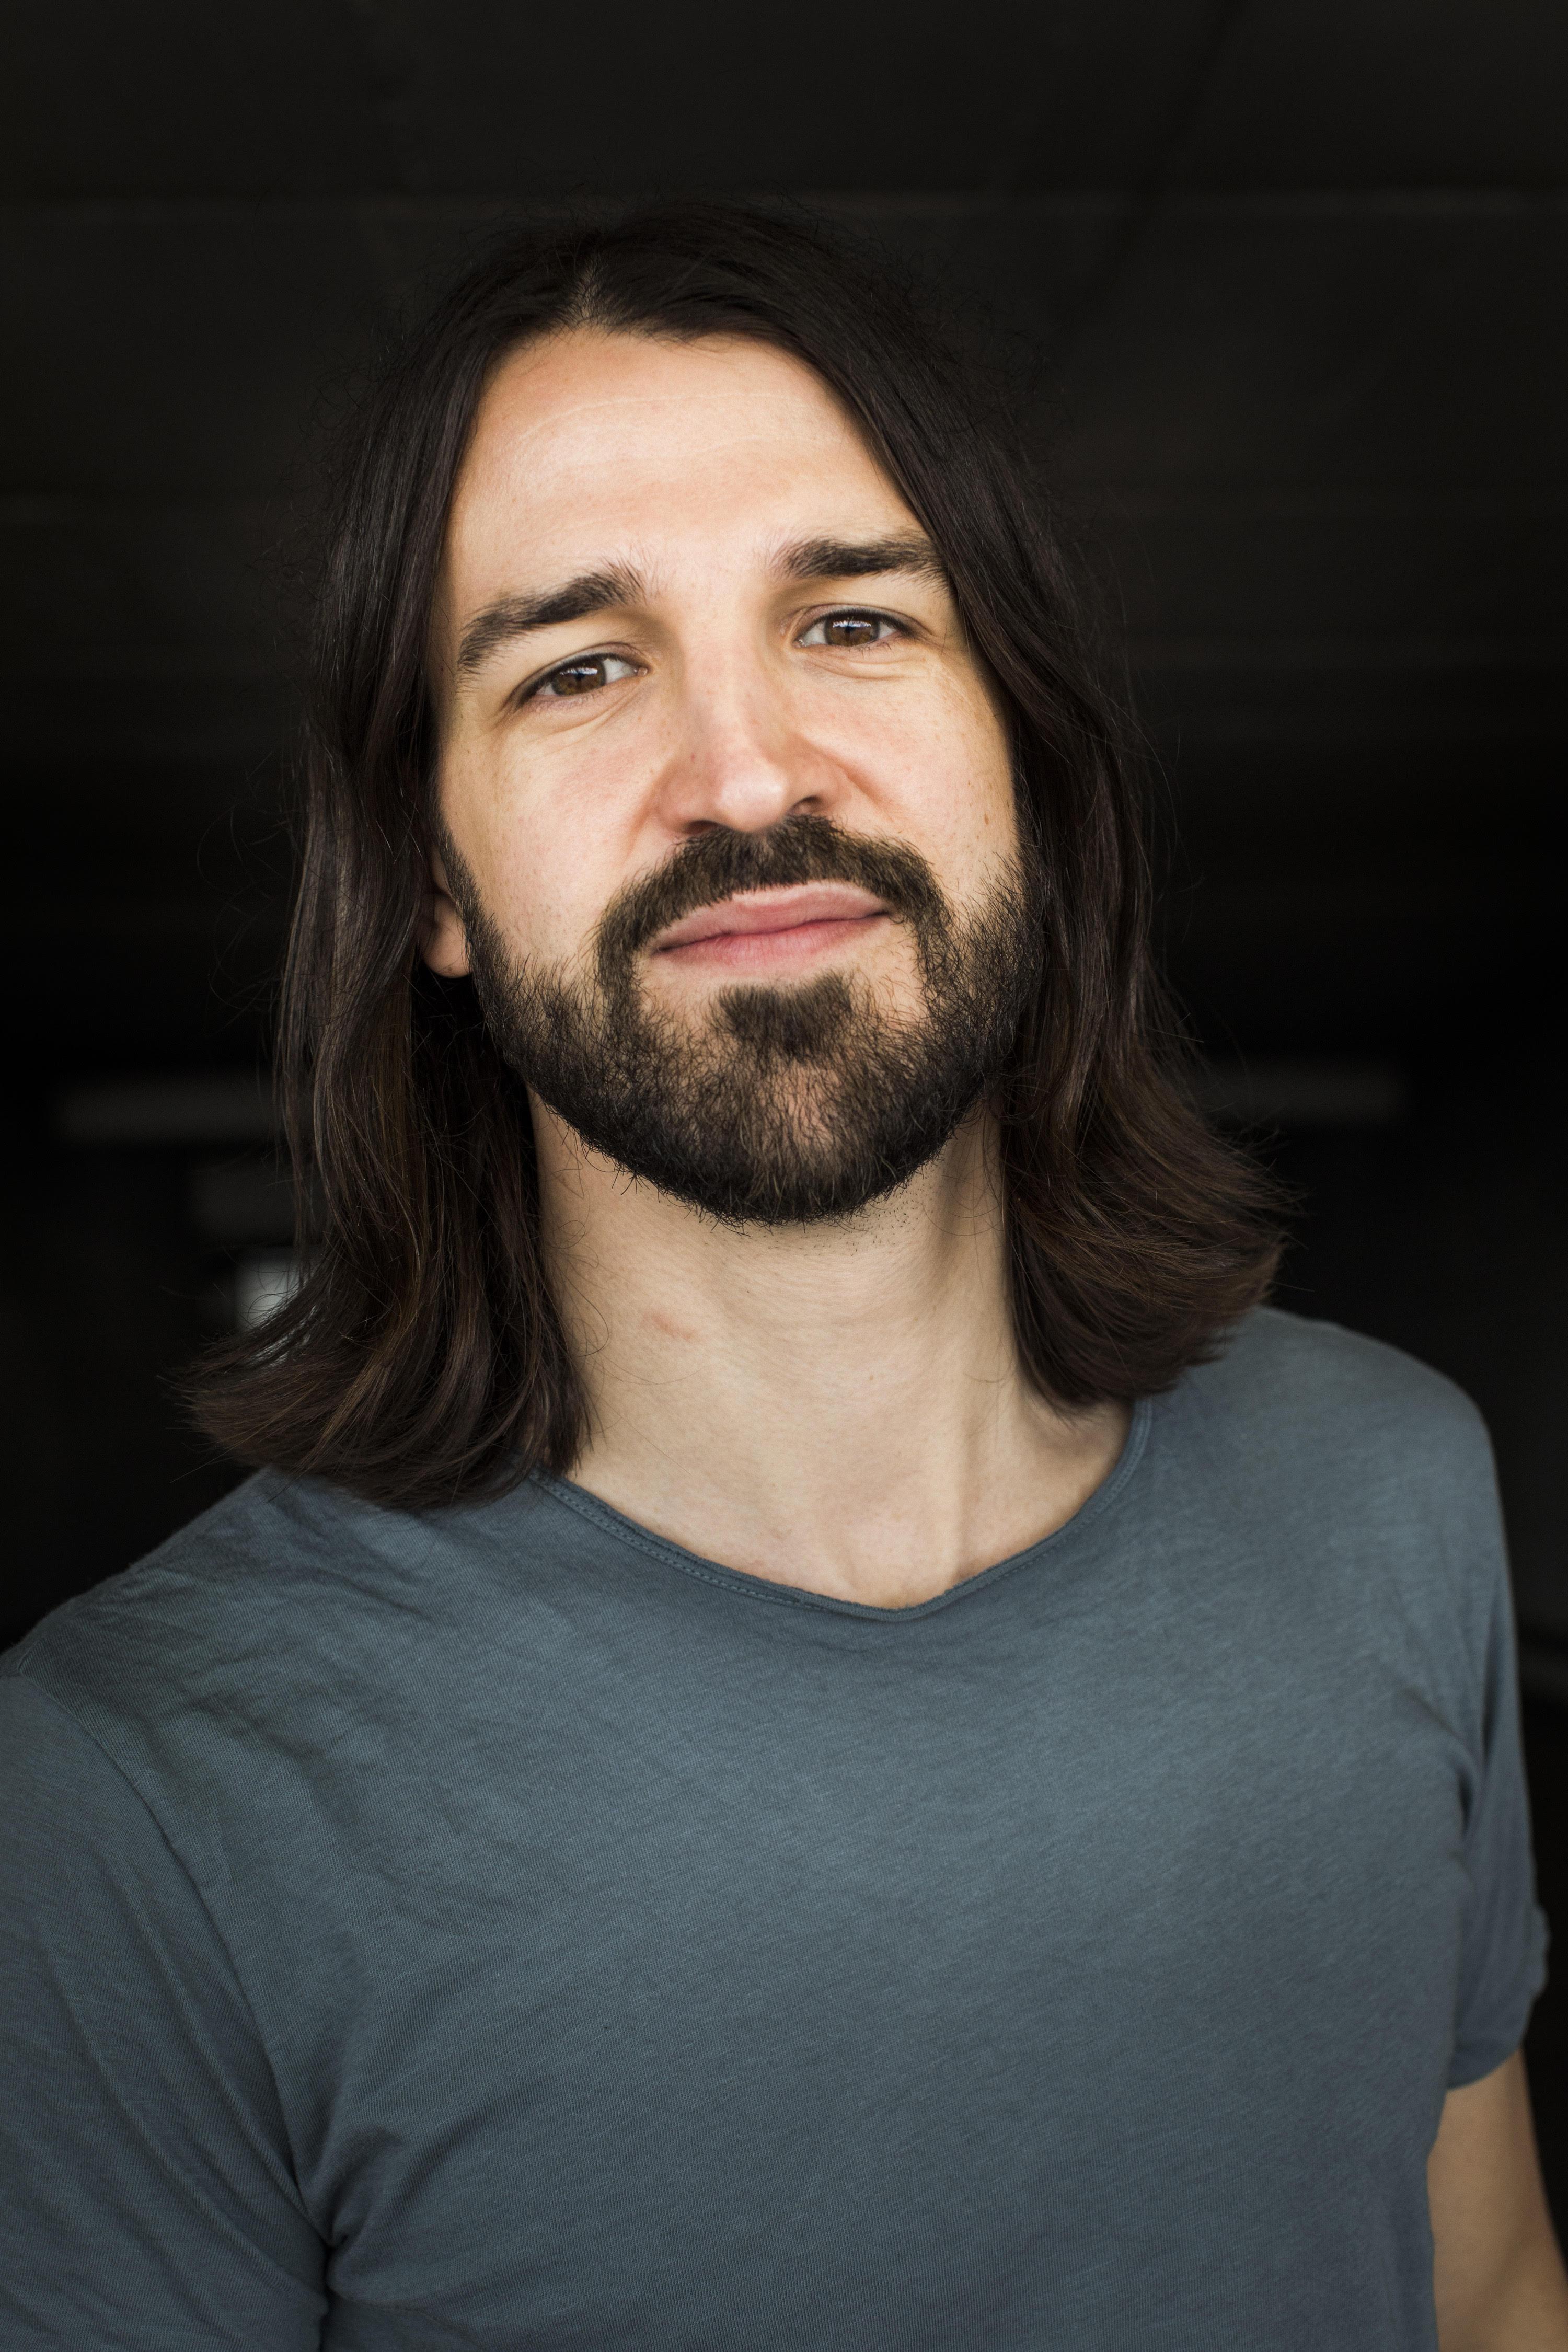 David Kebekus